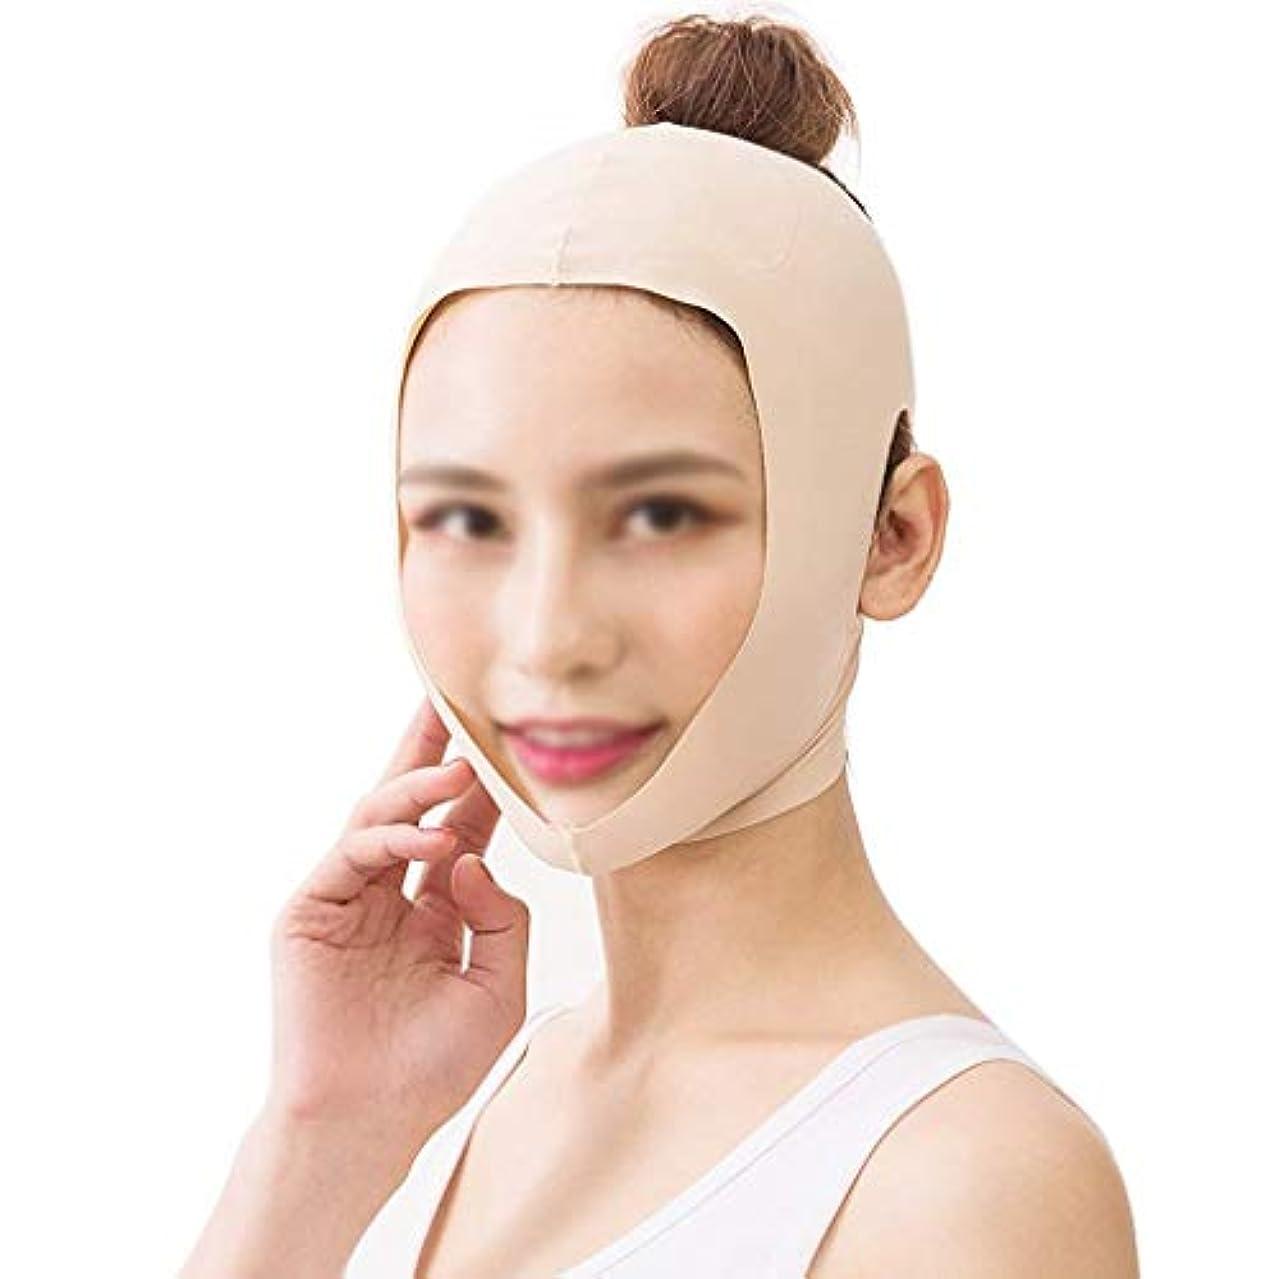 ファイター告白織るフェイスリフト用フェイシャル引き締め包帯、フェイシャルリフティングツール、二重あごを減らすためのリフティング包帯